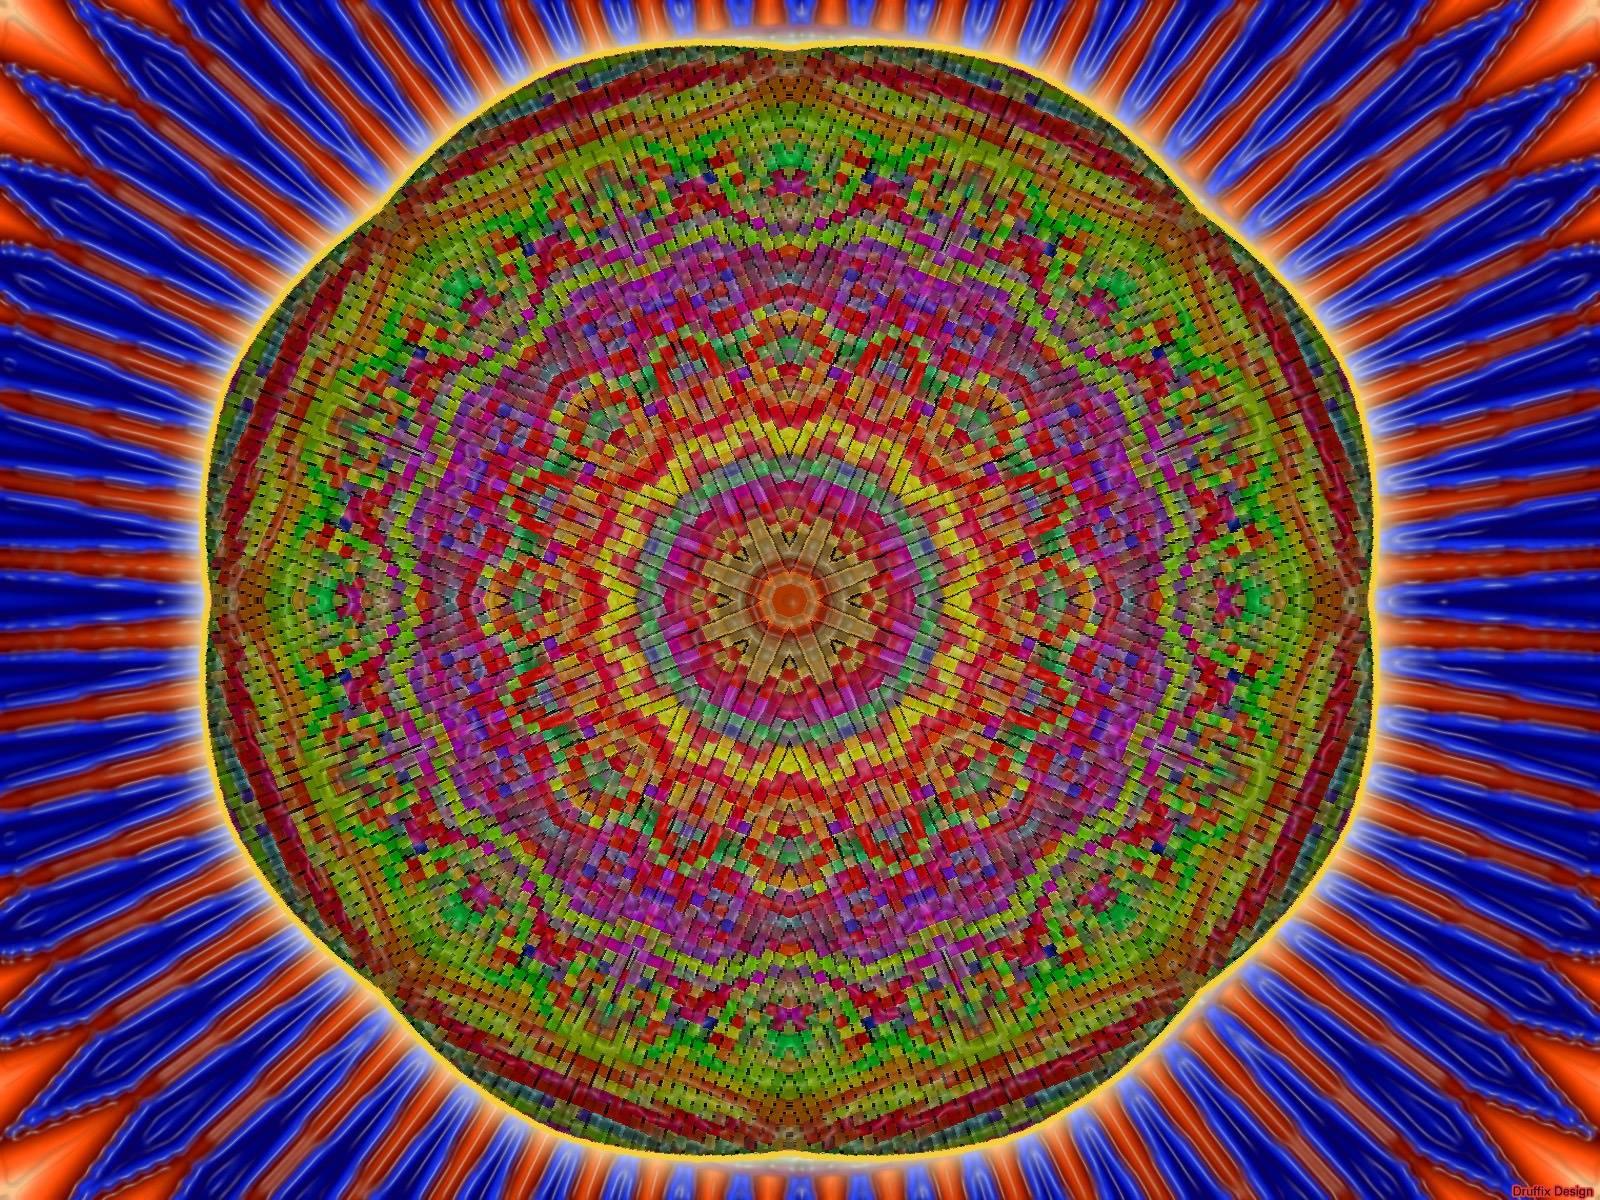 Popular Wallpaper Mac Trippy - j2StVgc  Gallery_591329.jpg?resize\u003d1060%2C795\u0026ssl\u003d1